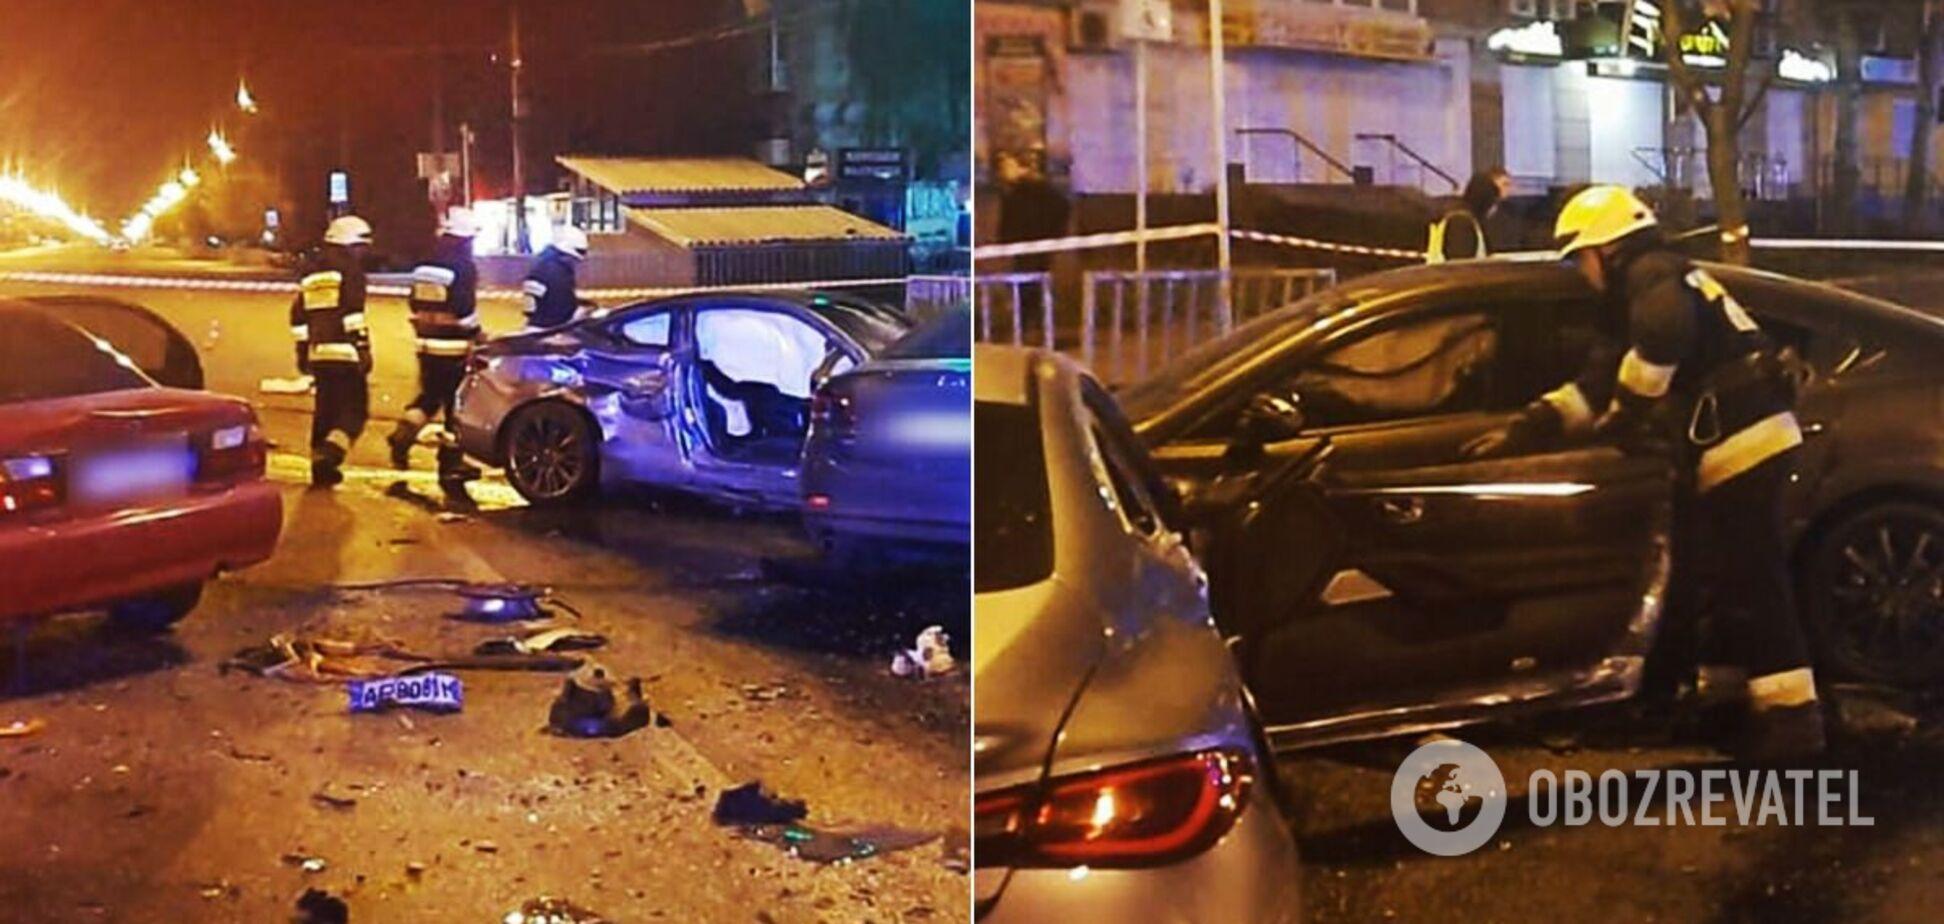 У Дніпрі трапилася смертельна ДТП з 5 авто: відео аварії